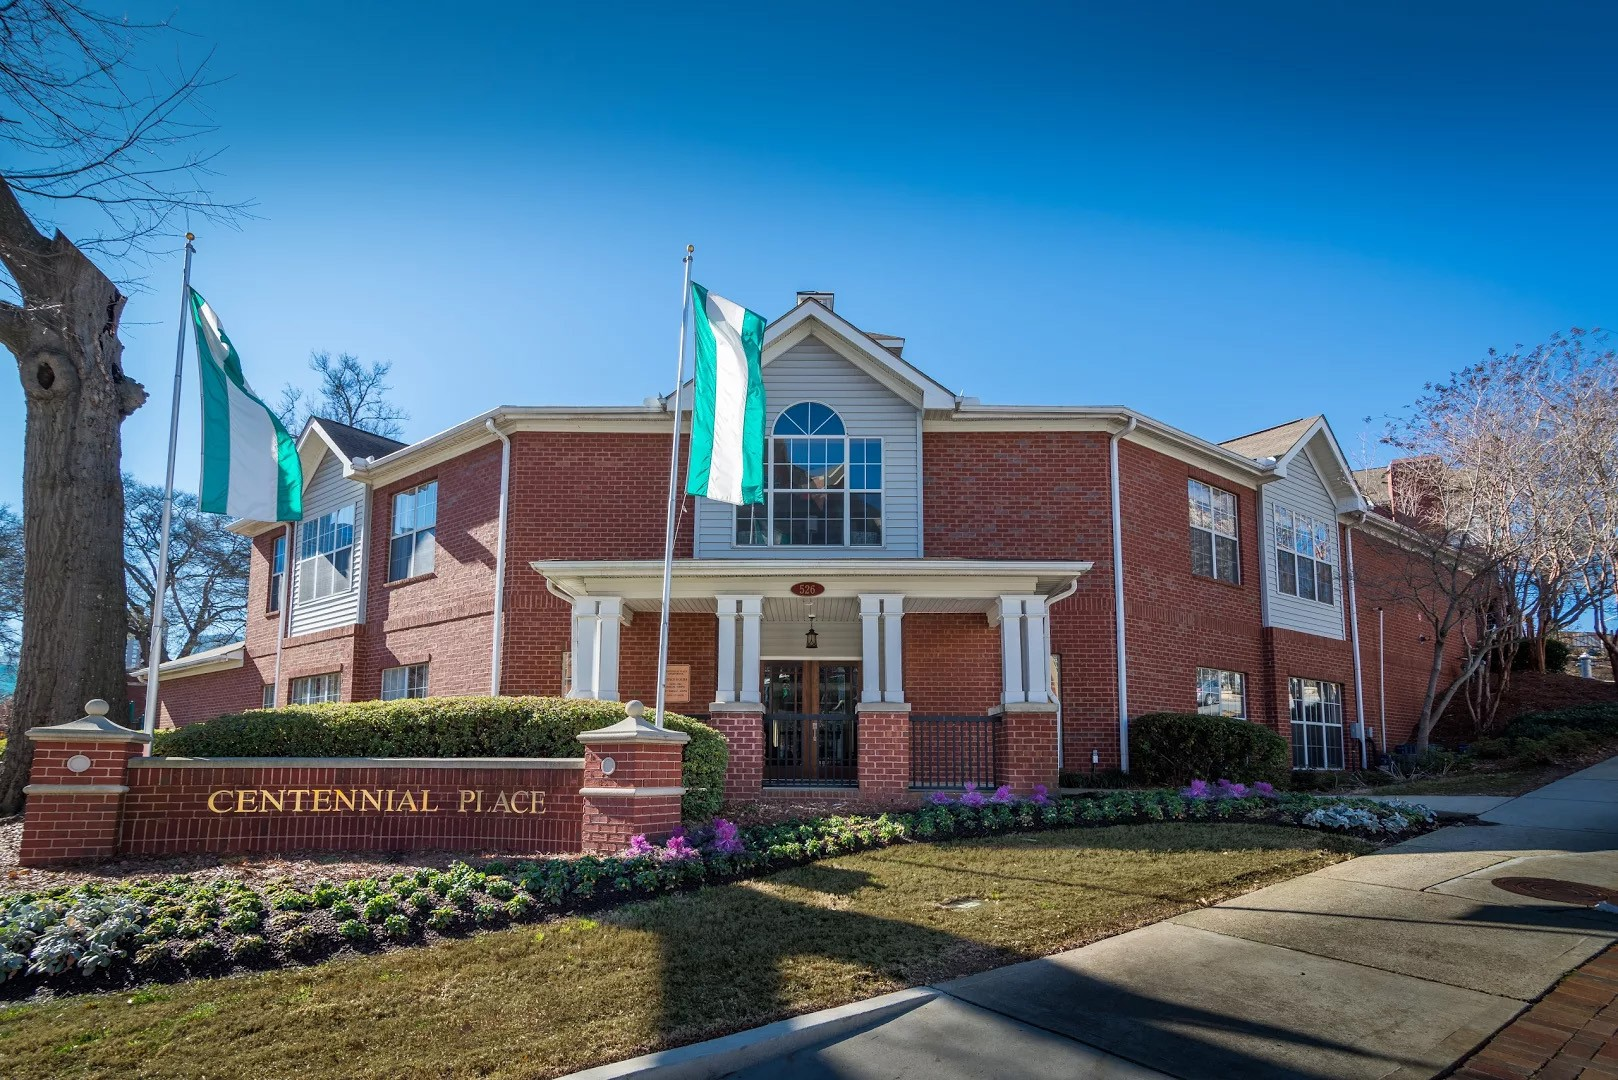 Centennial Place rental